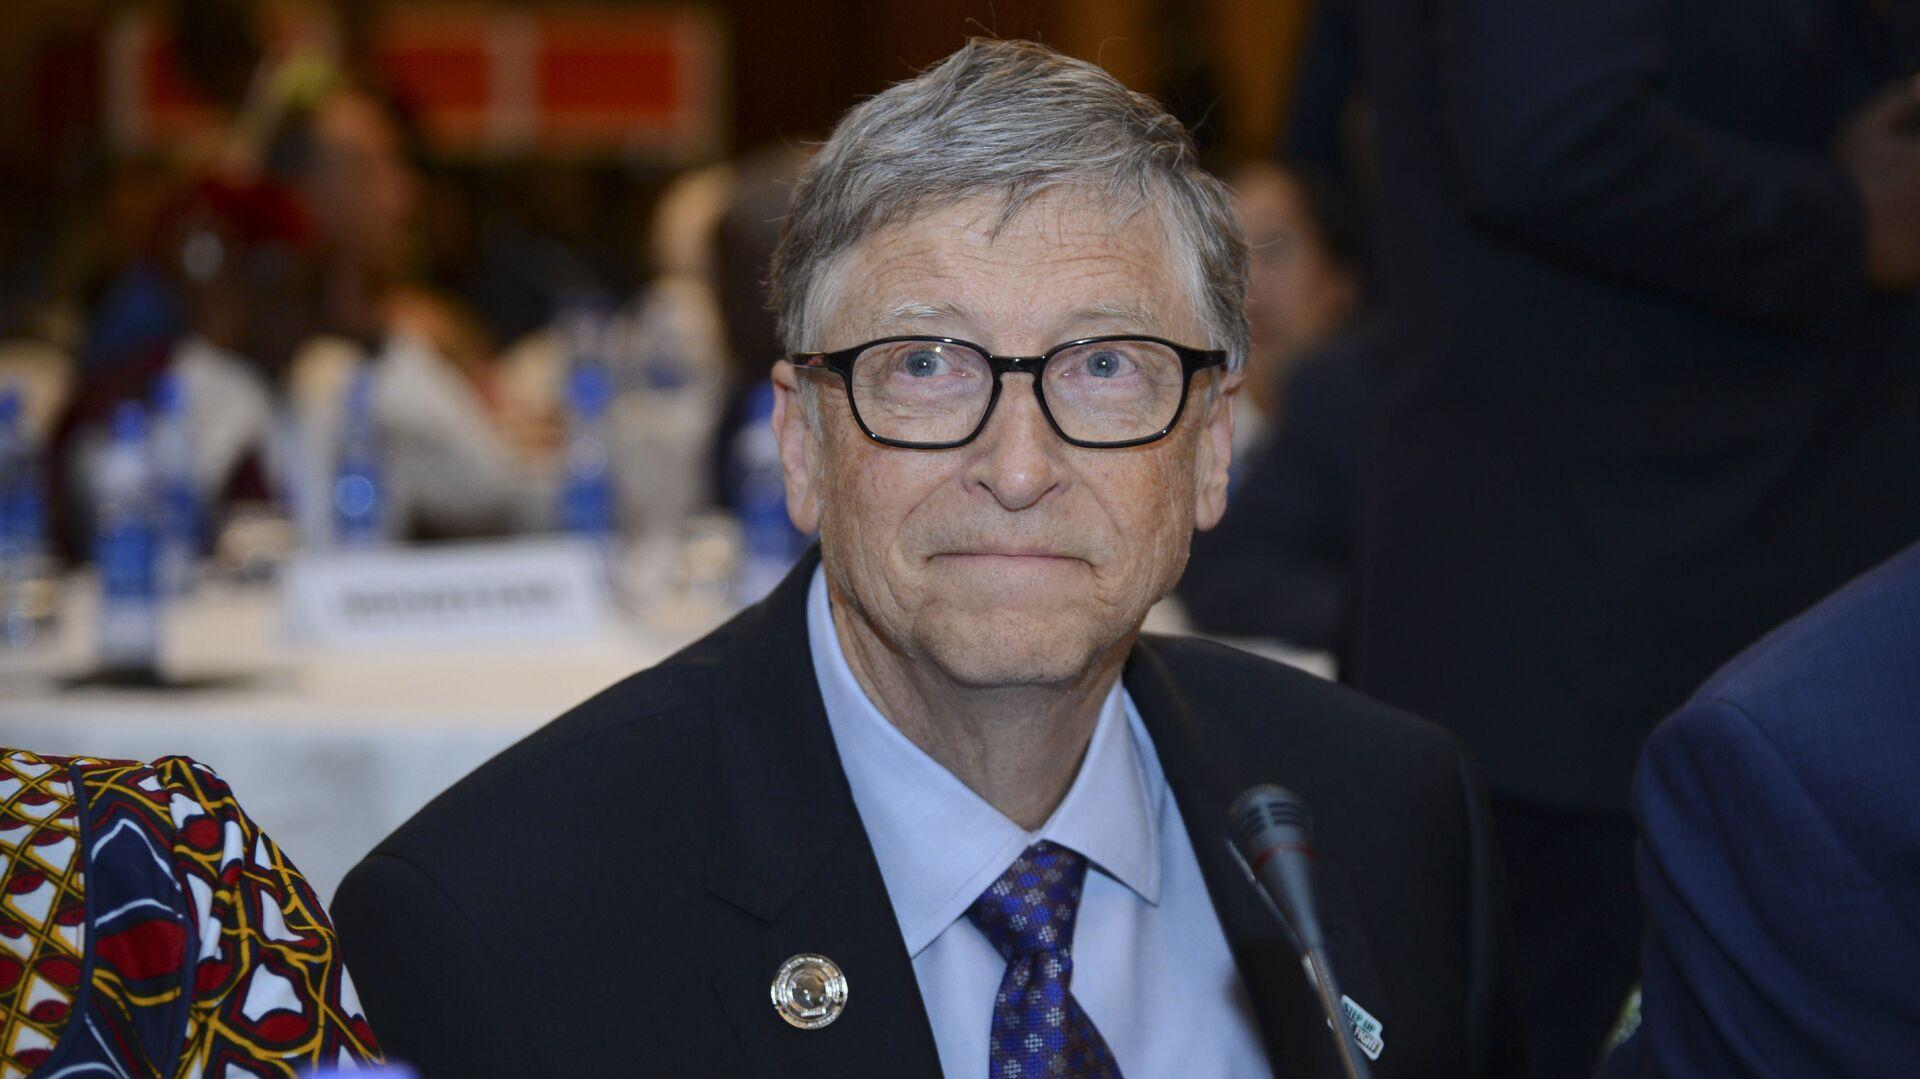 Bill Gates, presidente della 'Bill & Melinda Gates Foundation', partecipa all'Africa Leadership Meeting - Investing in Health Outcomes tenutosi in un hotel di Addis Abeba, in Etiopia, 9 febbraio 2019.  - Sputnik Italia, 1920, 24.02.2021